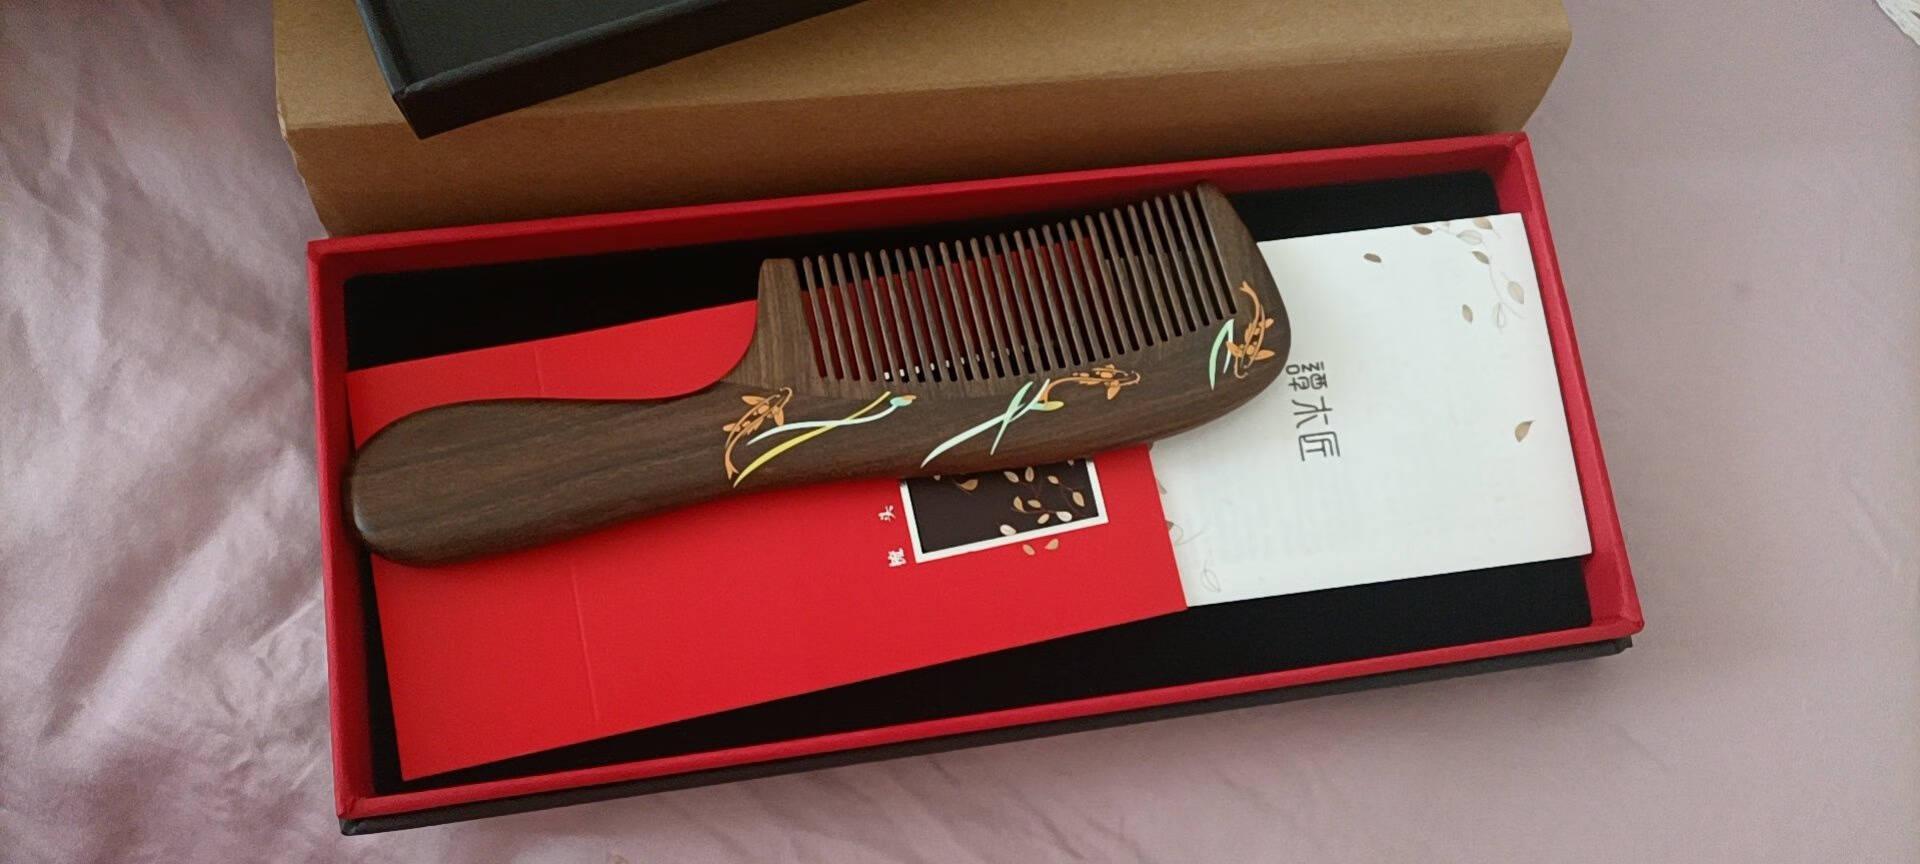 谭木匠木梳子送女友送父母生日礼物七夕情人节礼物礼盒自在锦鲤自在锦鲤